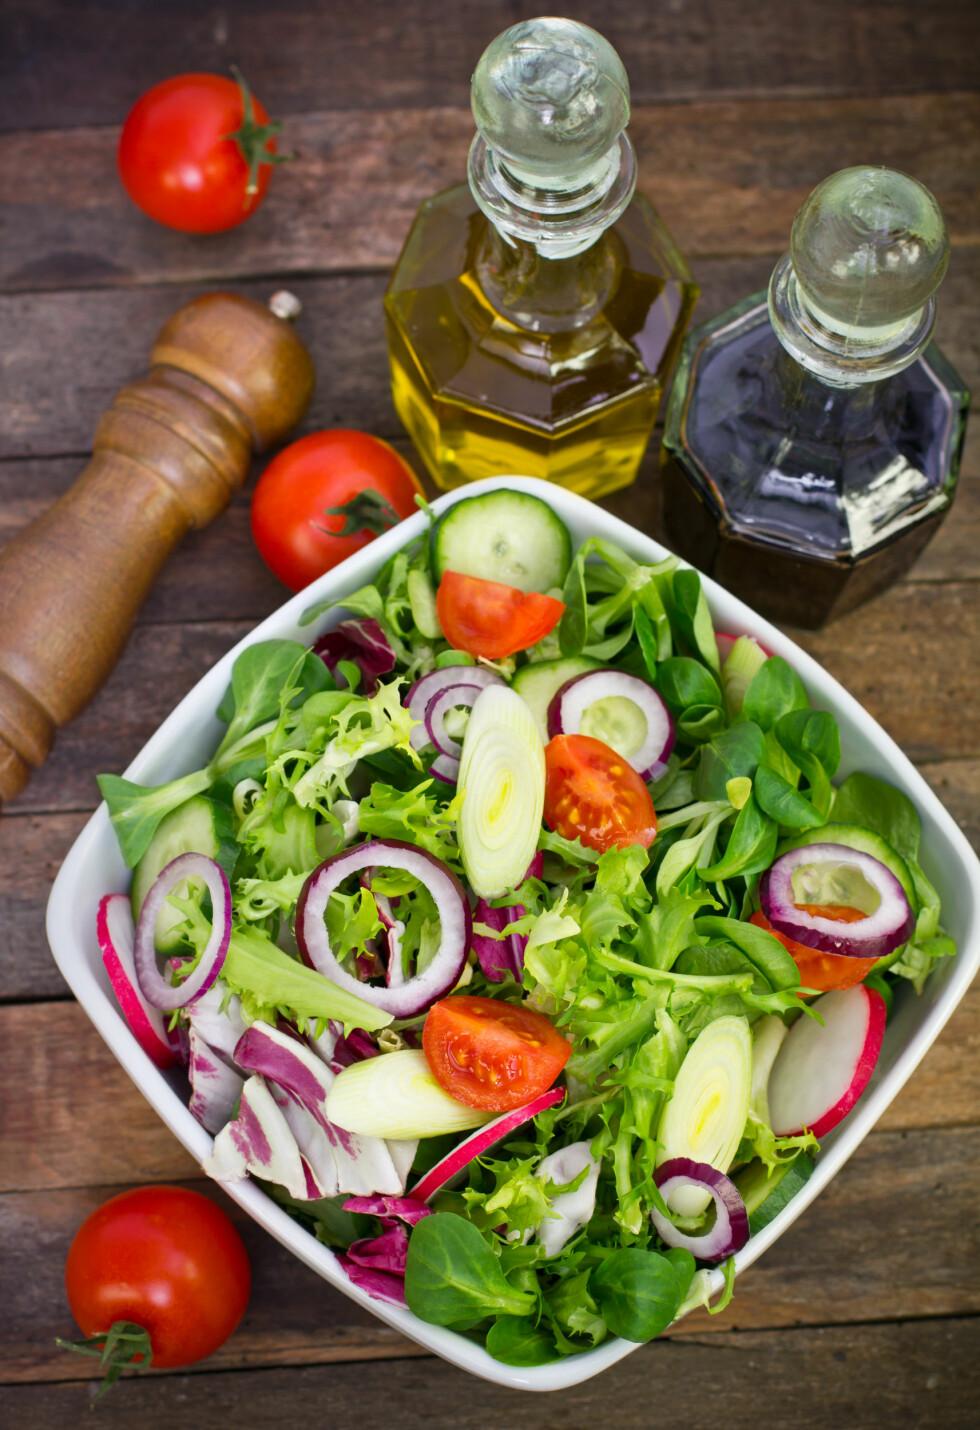 TRE TING DU BØR HA I SALATEN: Ifølge enæringsfysiologen bør du alltid sørge for å ha noe friskt og fargerikt, noe ekstra smakfullt og en god dose sunt fett i salaten din.  Foto: pilipphoto - Fotolia